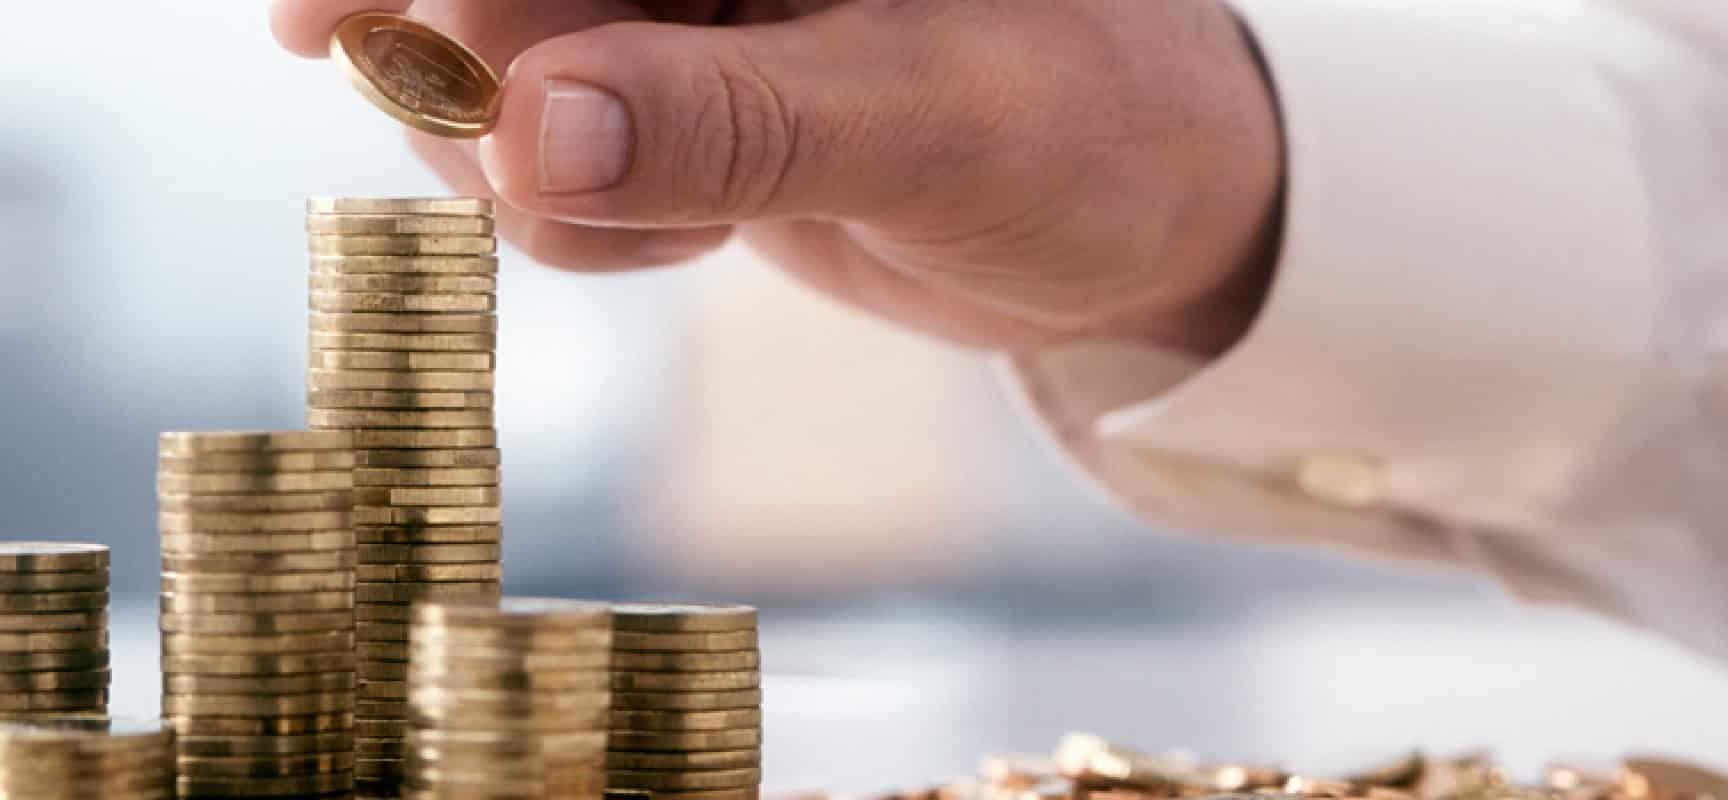 finanziamento alle imprese - Finanziamento alle imprese - Finanziamento alle imprese: consigli su come ottenere un prestito